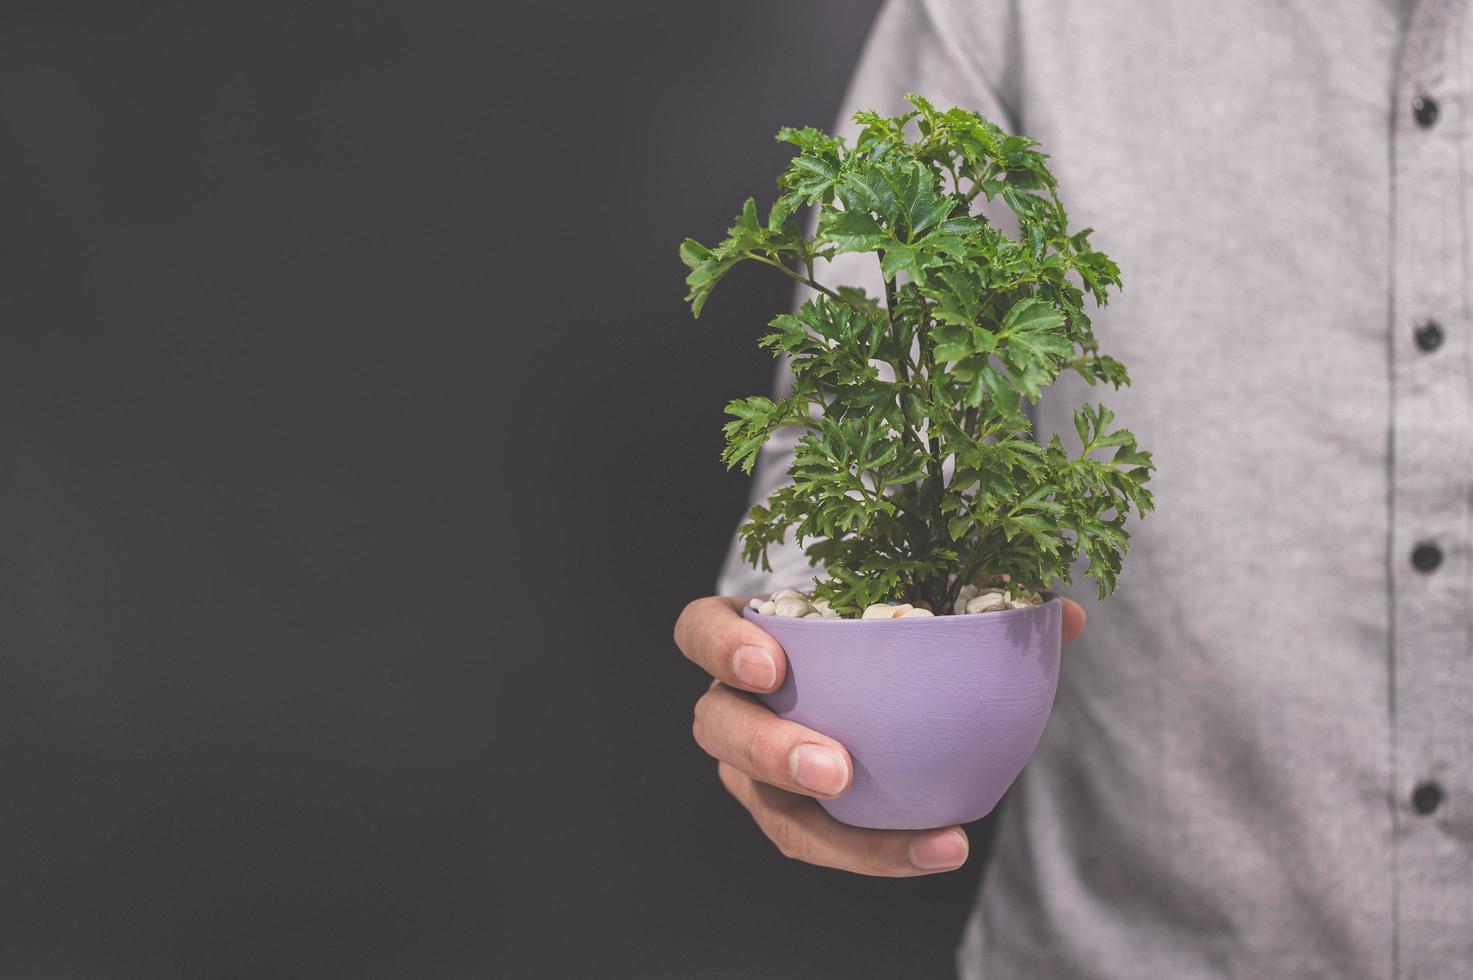 vaso per piante nella mano di un uomo foto